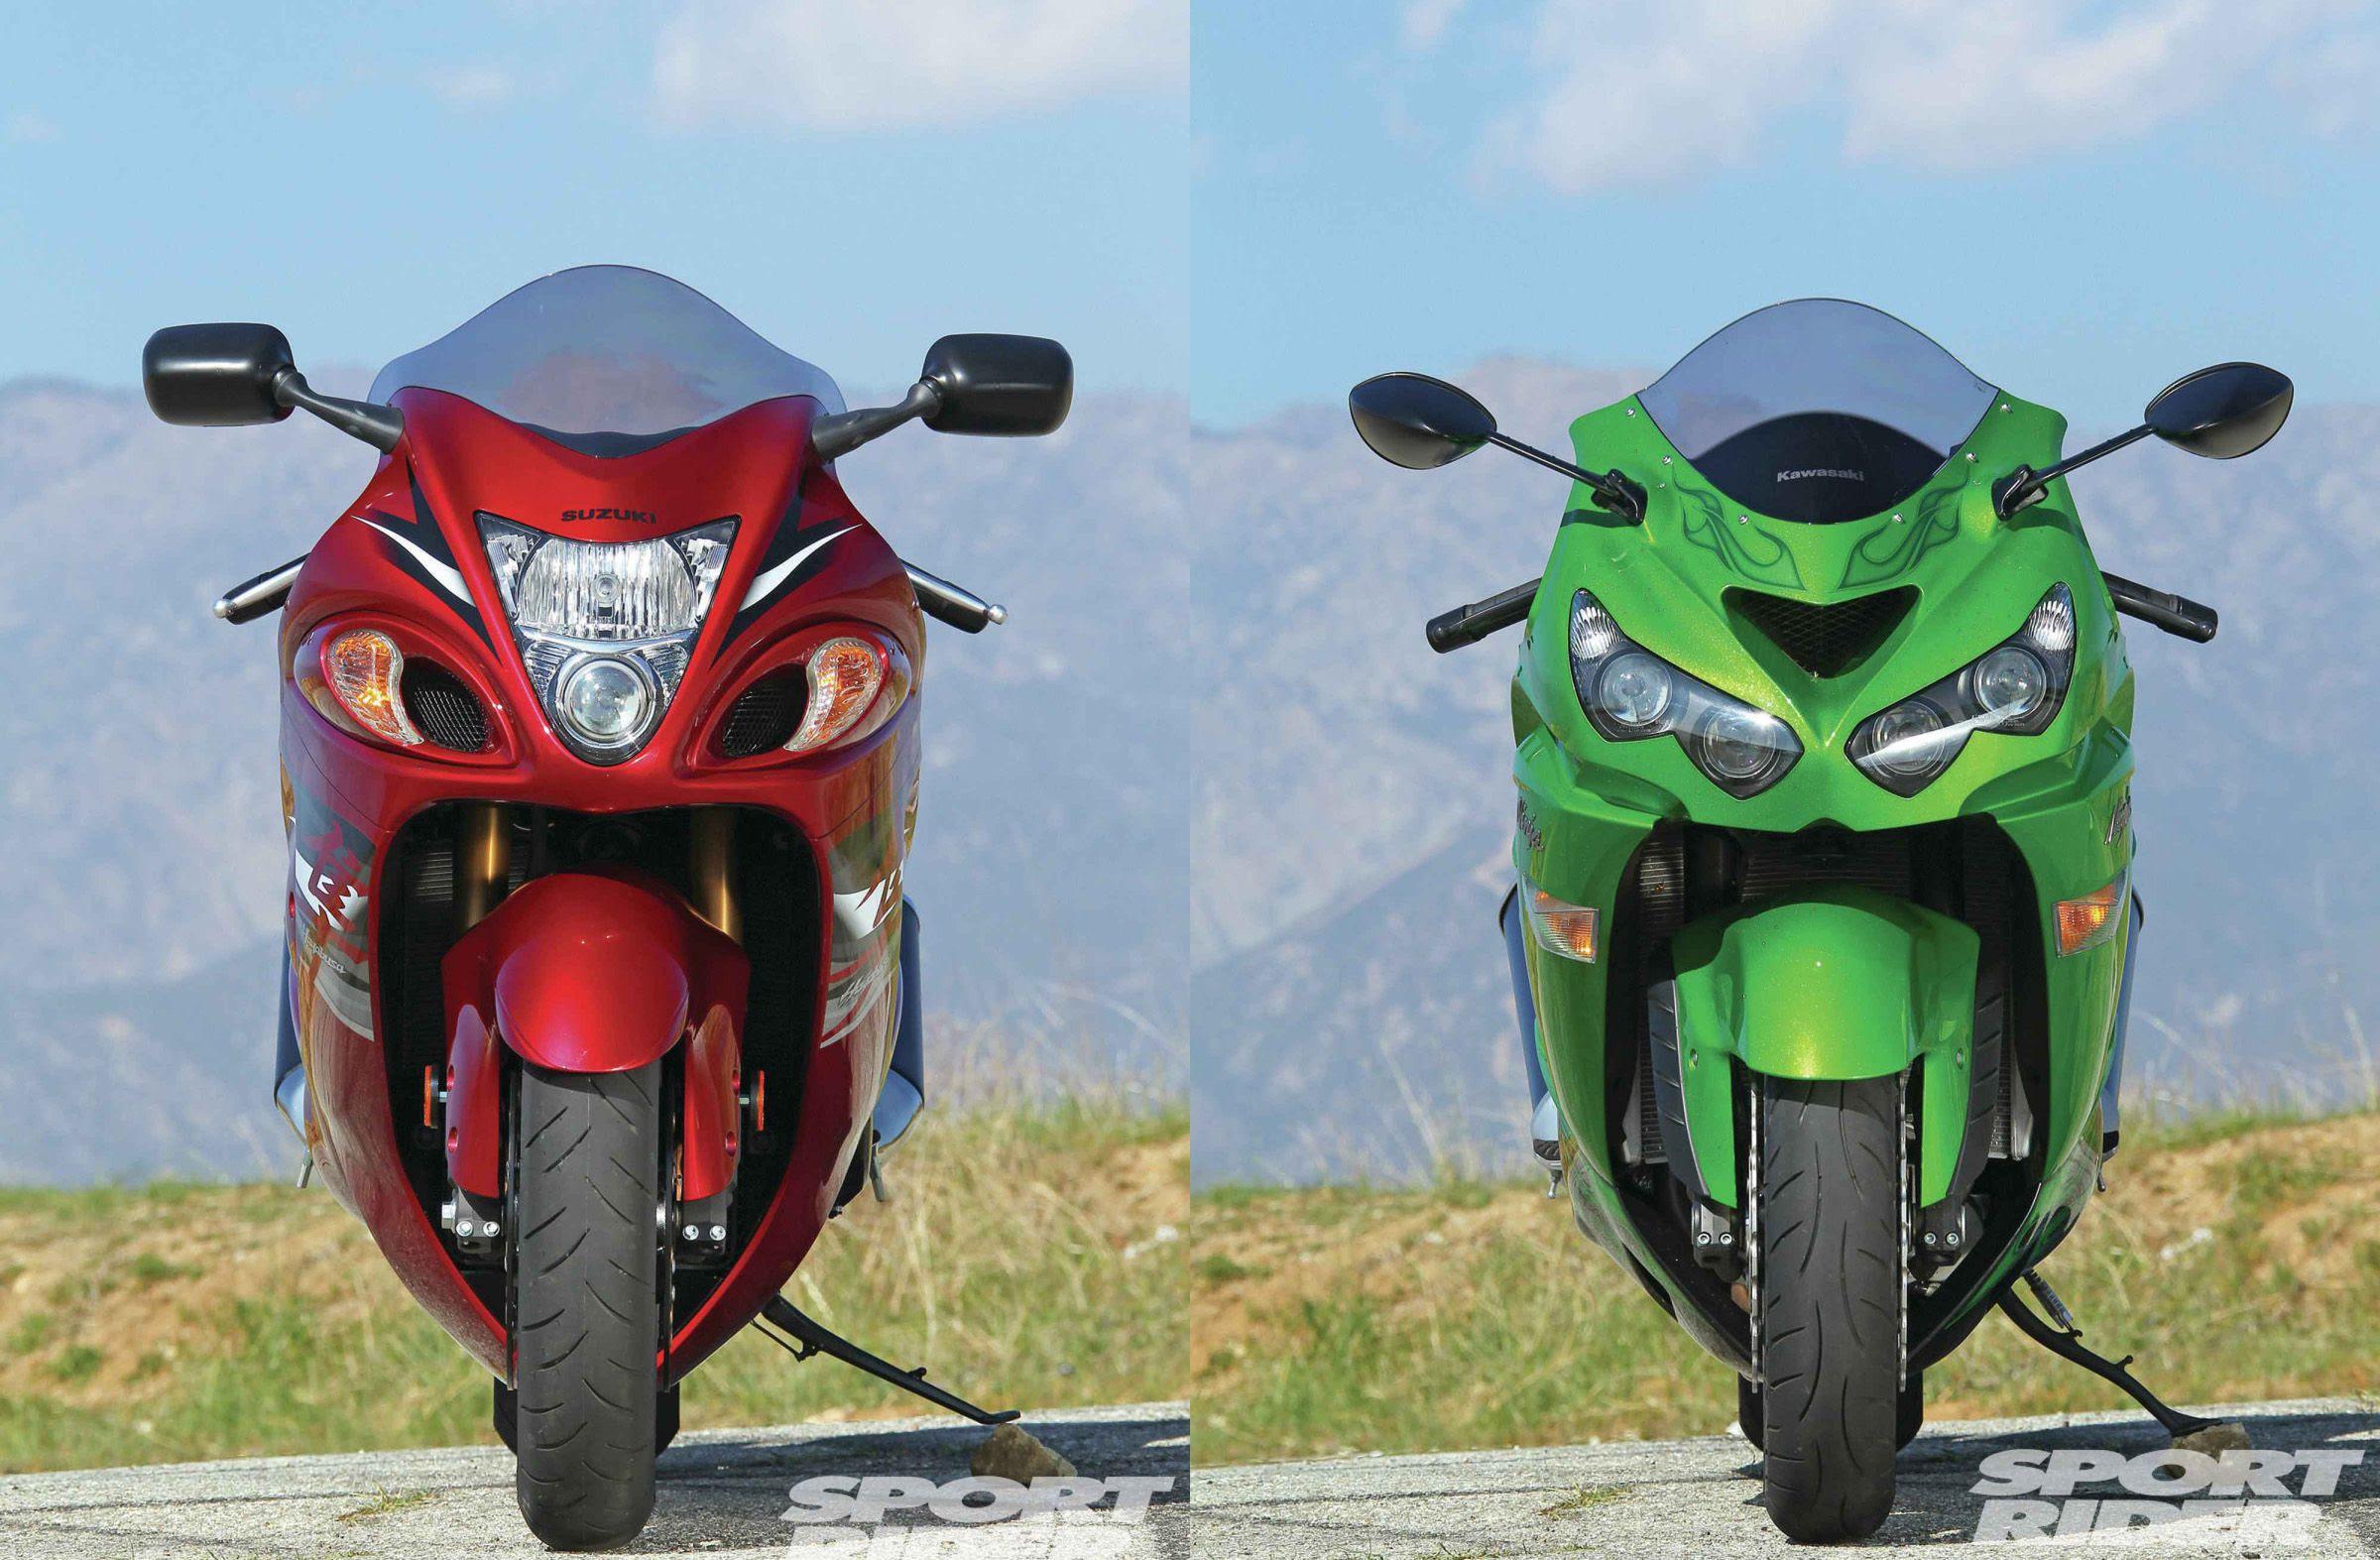 2012 Kawasaki Zx 14r Vs Suzuki Hayabusa Cycle World